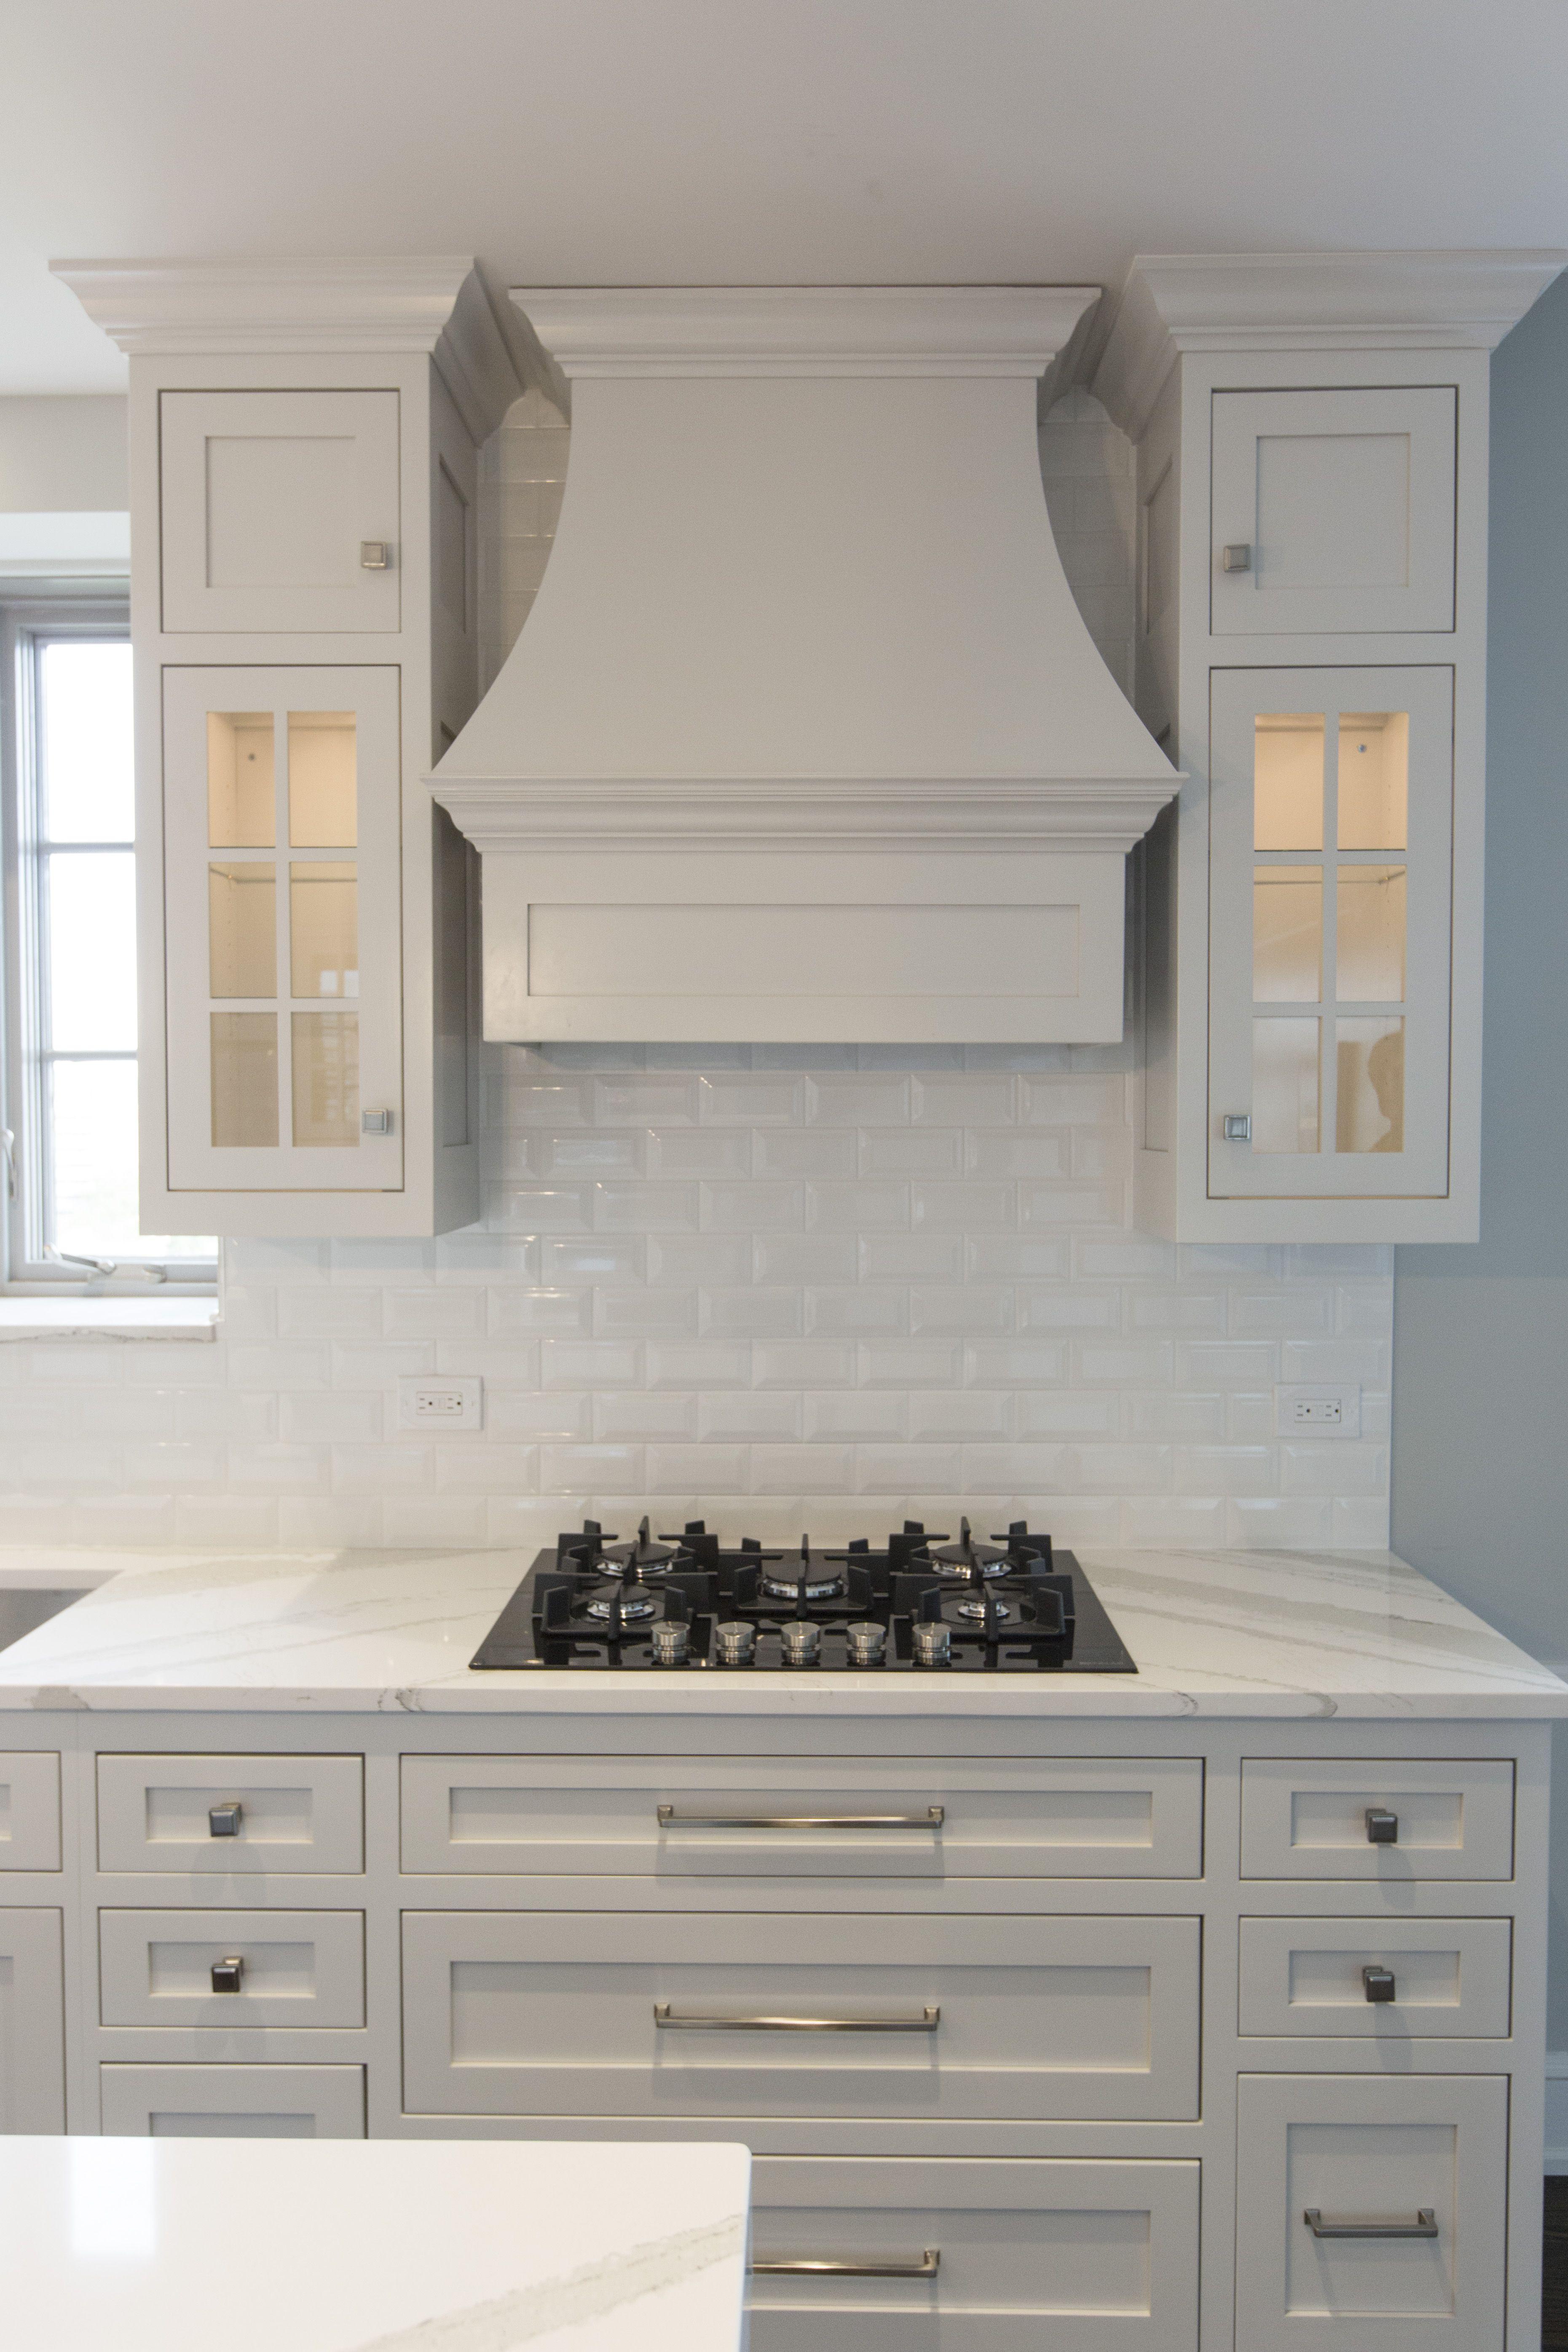 9 Stylish Range Hoods   Ideas for Kitchen Hoods for Ovens